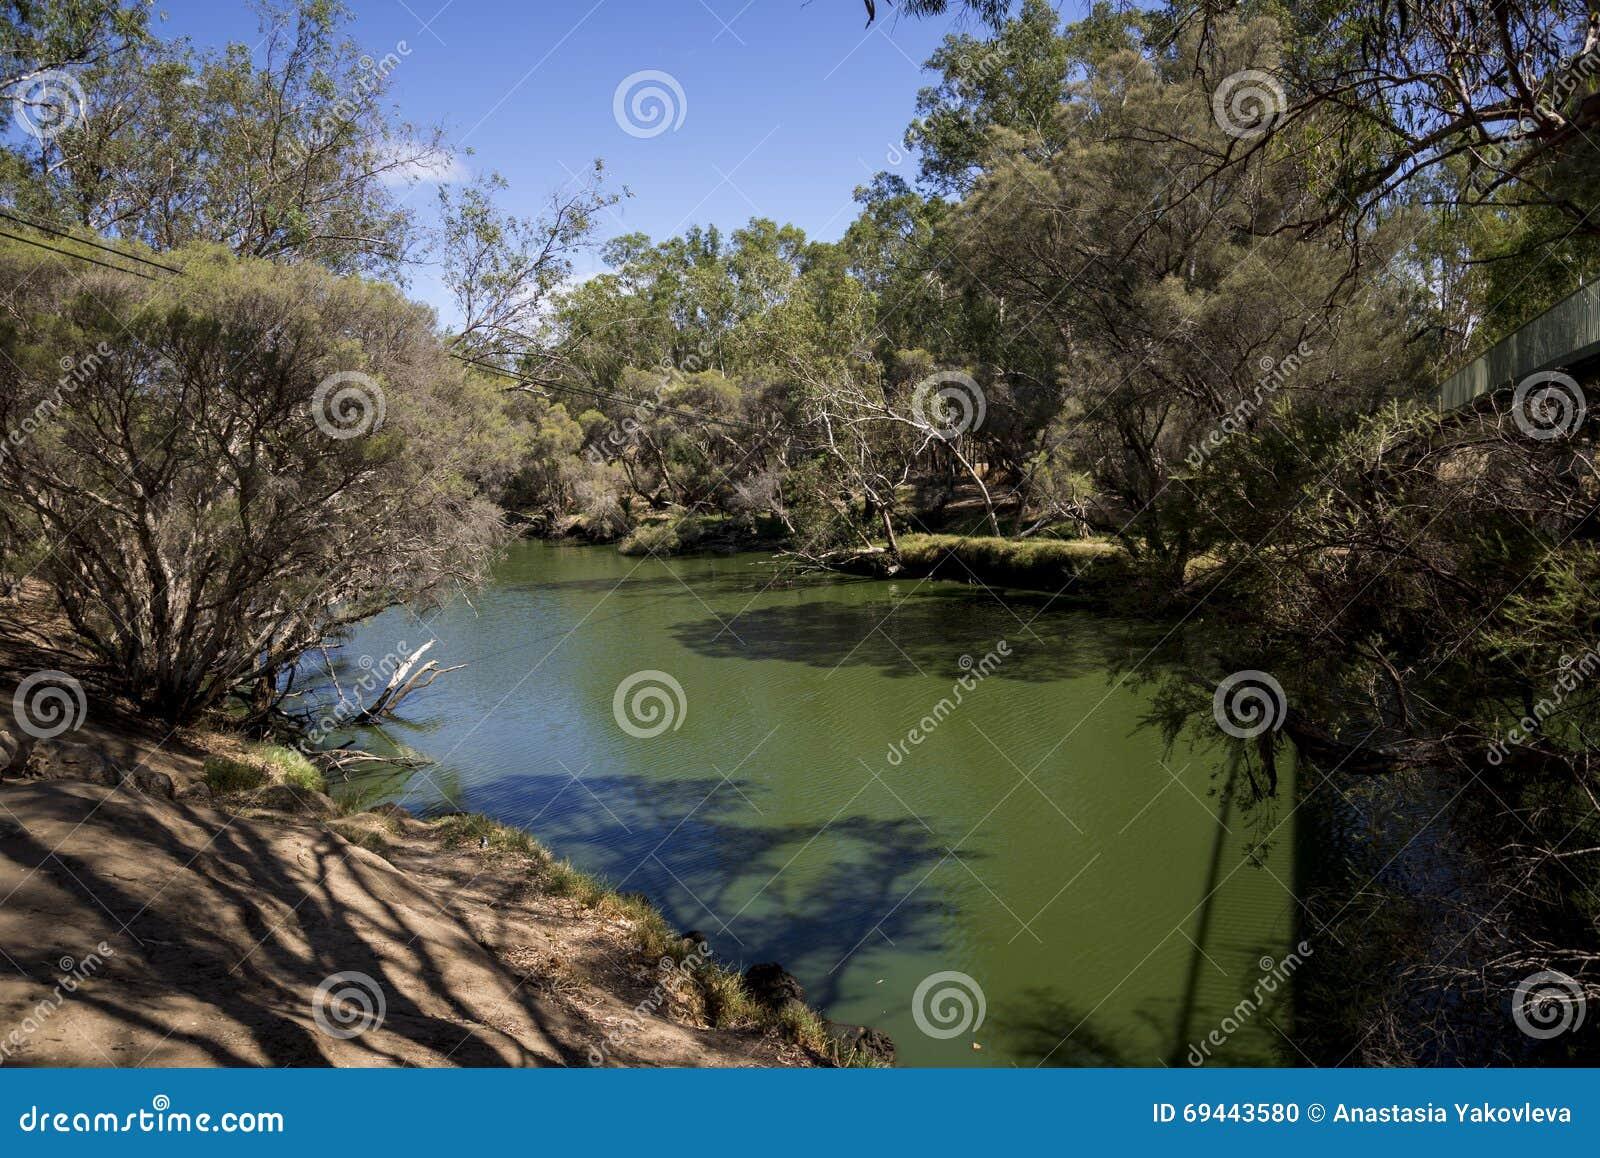 Łabędzi Rzeczny widok w Maali mosta parku, Łabędzi Dolinny wino region, W